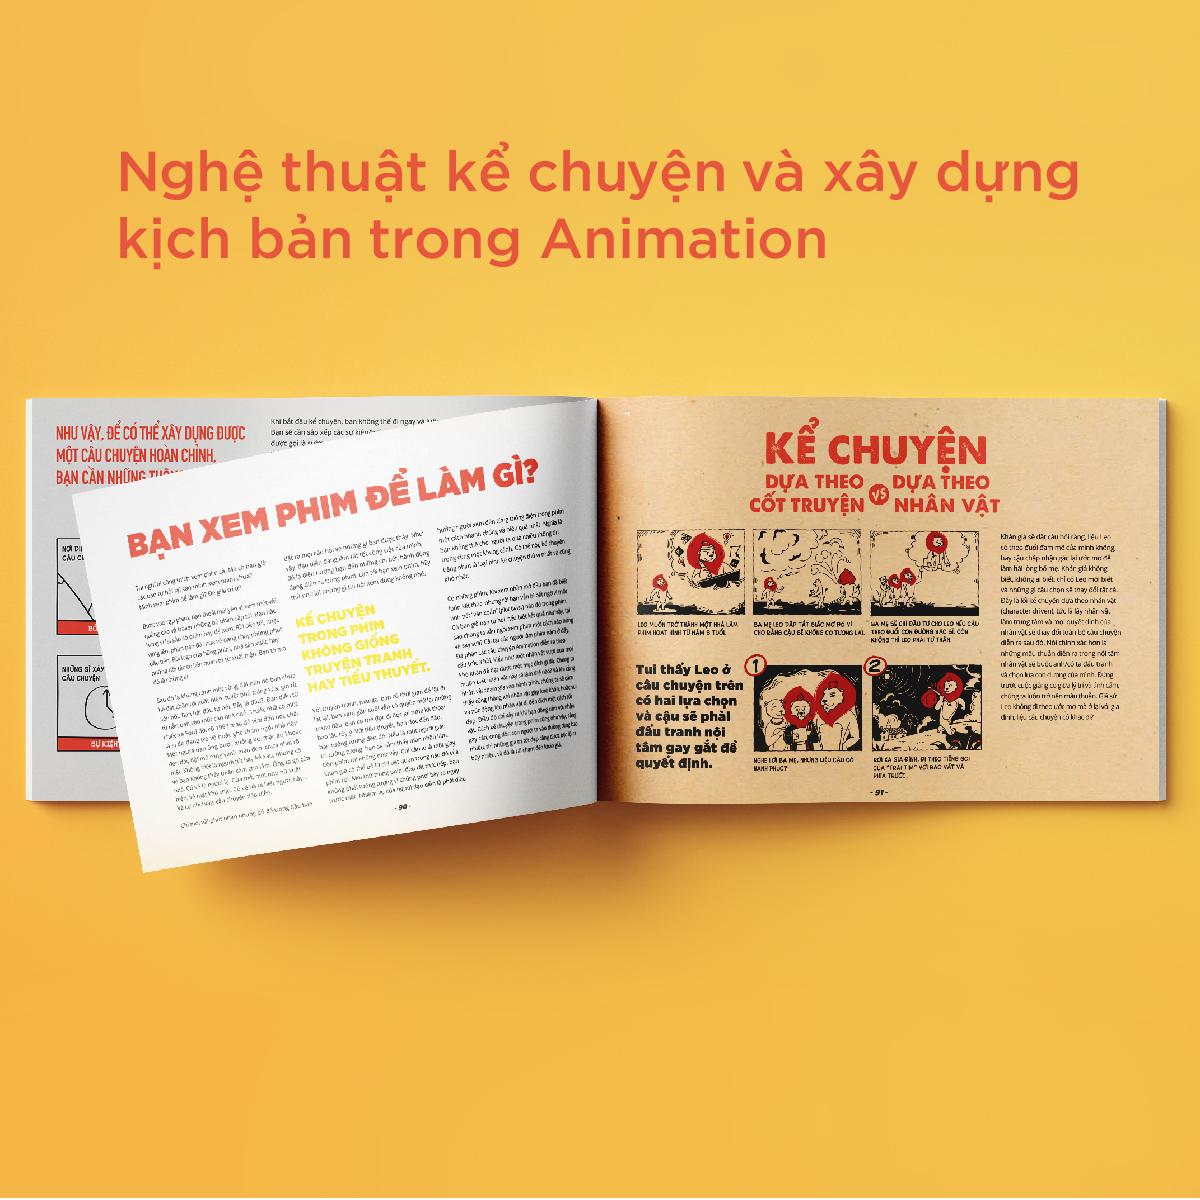 XỨ SỞ ANIMATION - Nghệ thuật kể chuyện bằng Animation